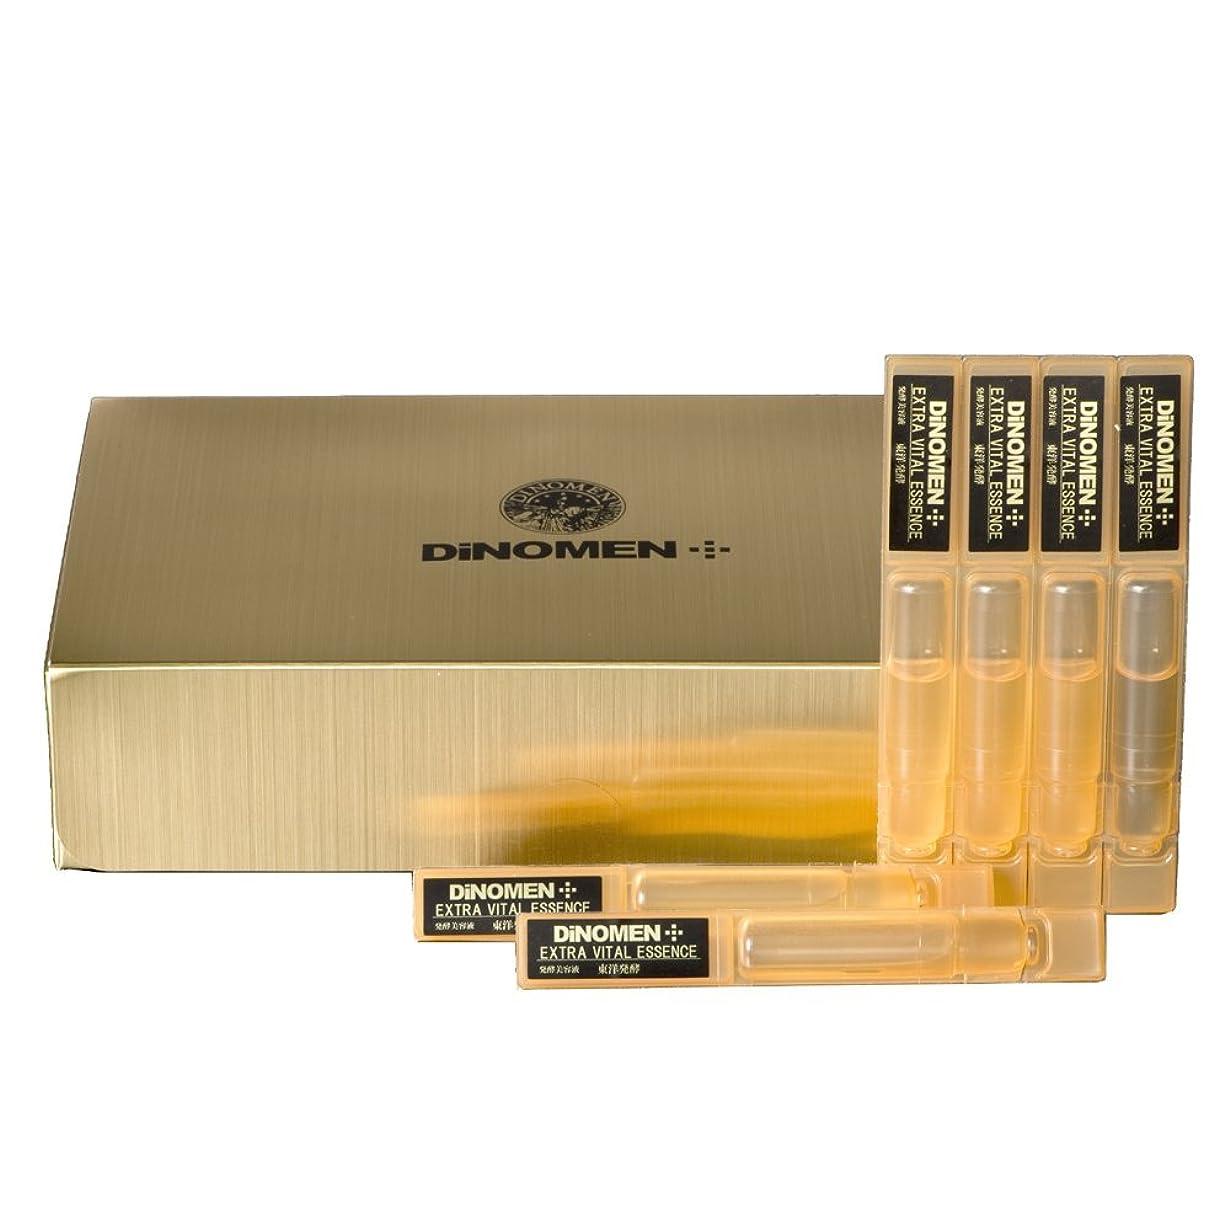 ホームアデレード吹雪DiNOMEN エクストラバイタルエッセンス 発酵美容液 30本入 男性化粧品